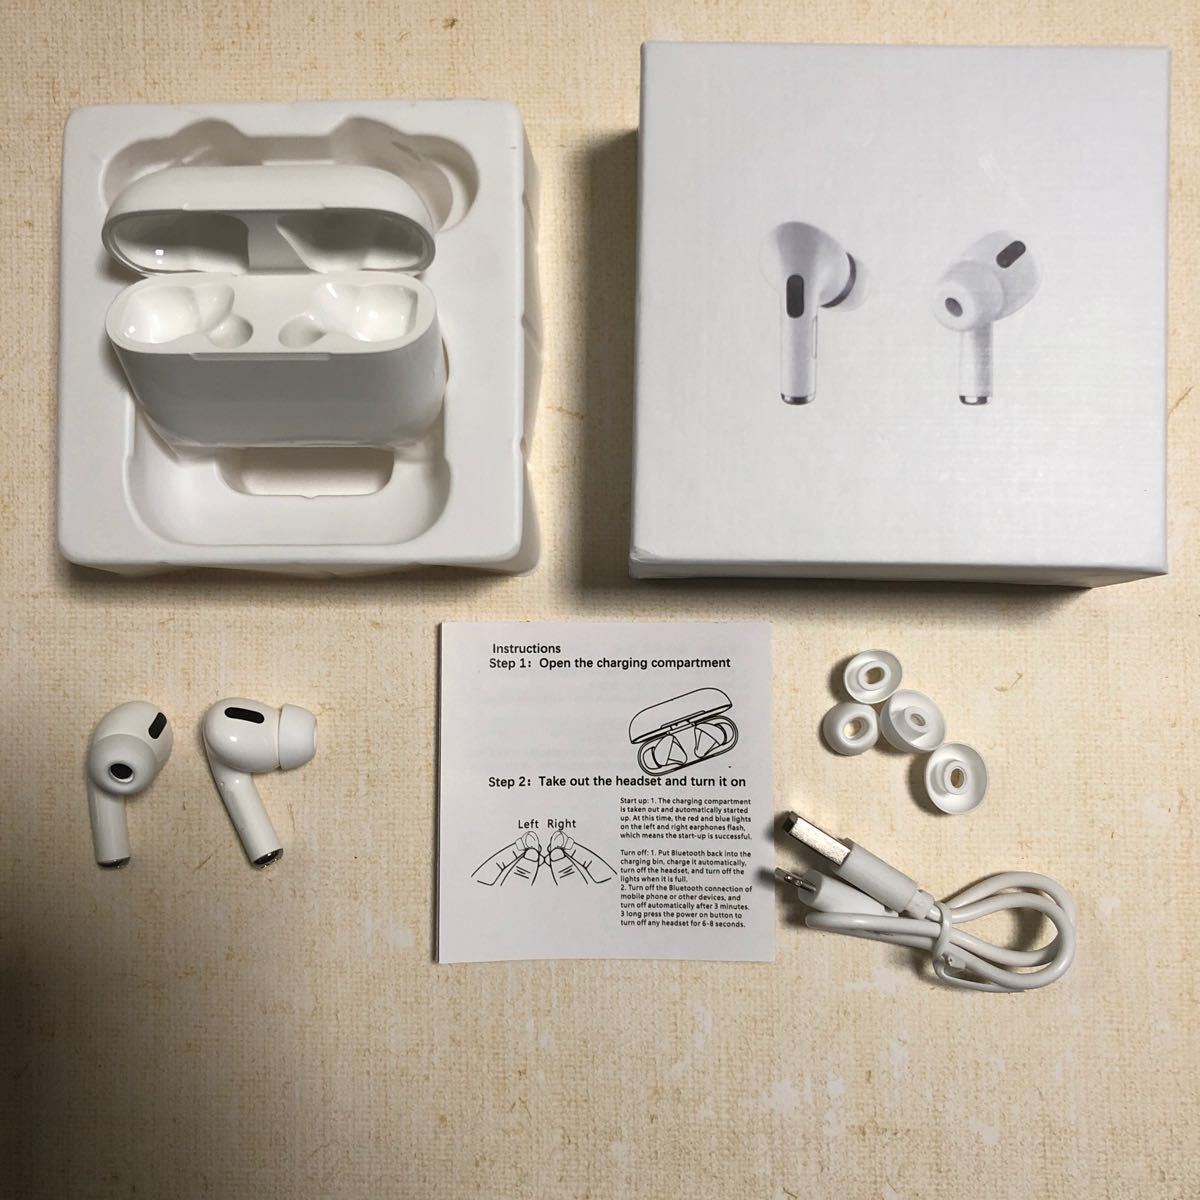 Bluetooth ワイヤレスイヤホン HiFiサウンド 通話対応